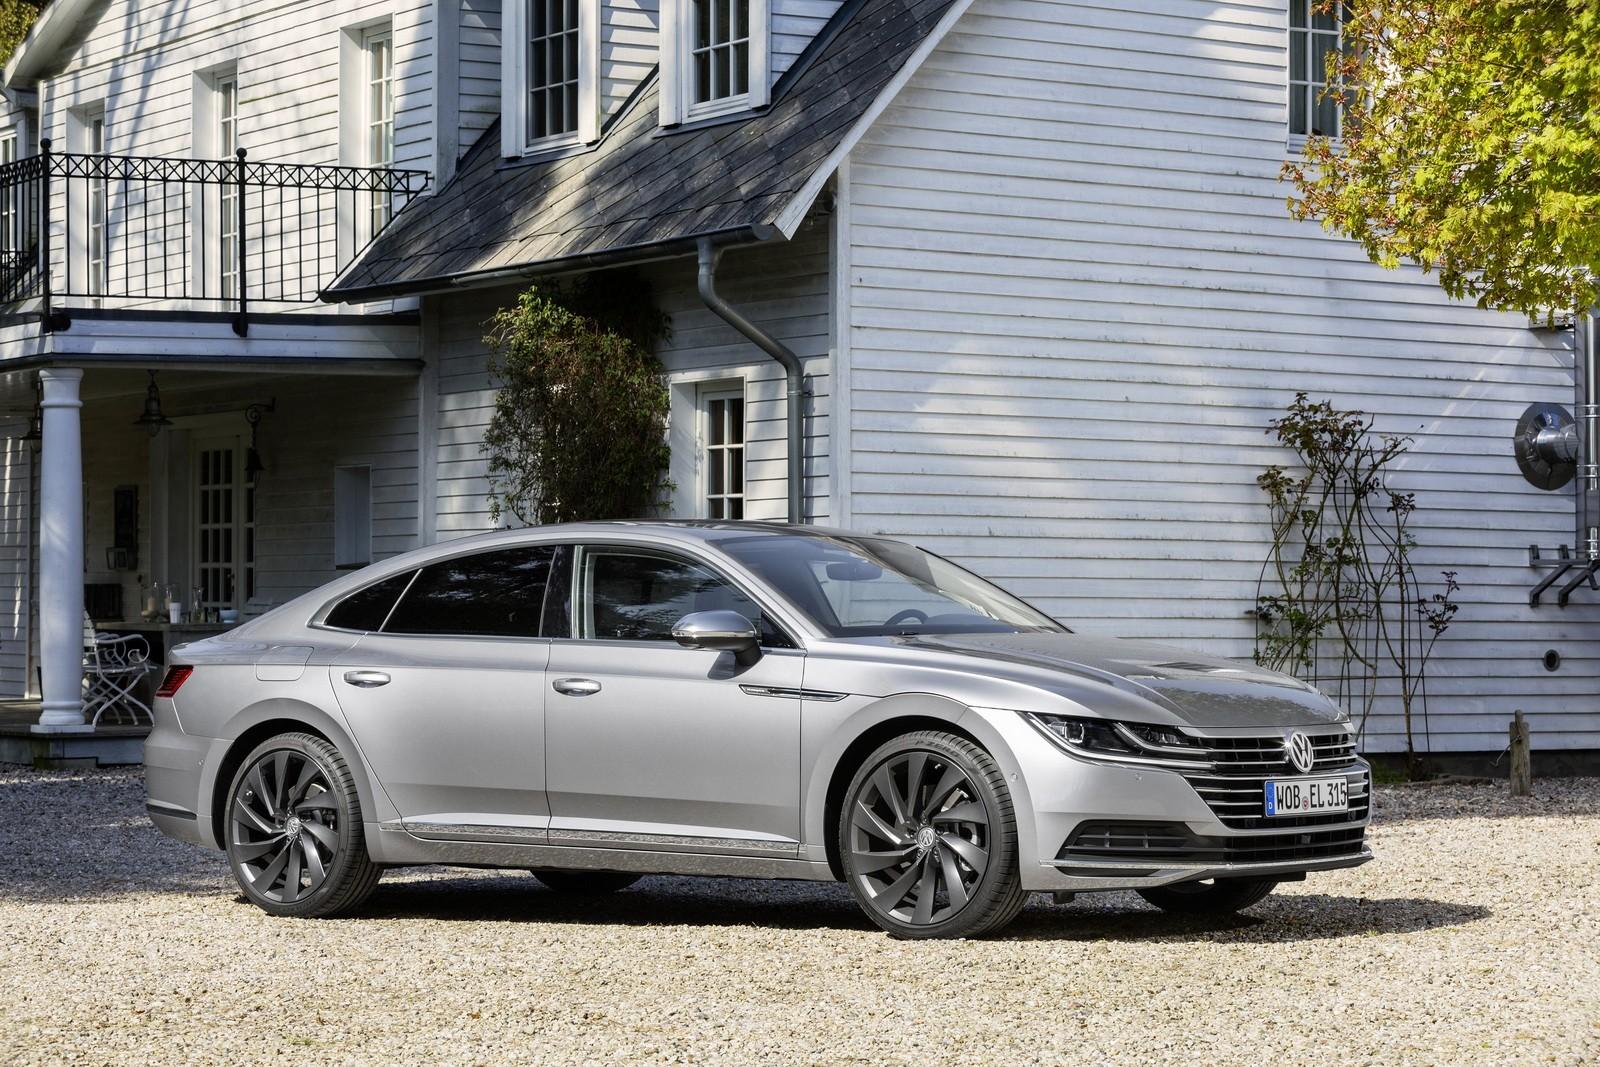 Volkswagen Arteon Designer Appointed Head Of Exterior Design At - Exterior-designer